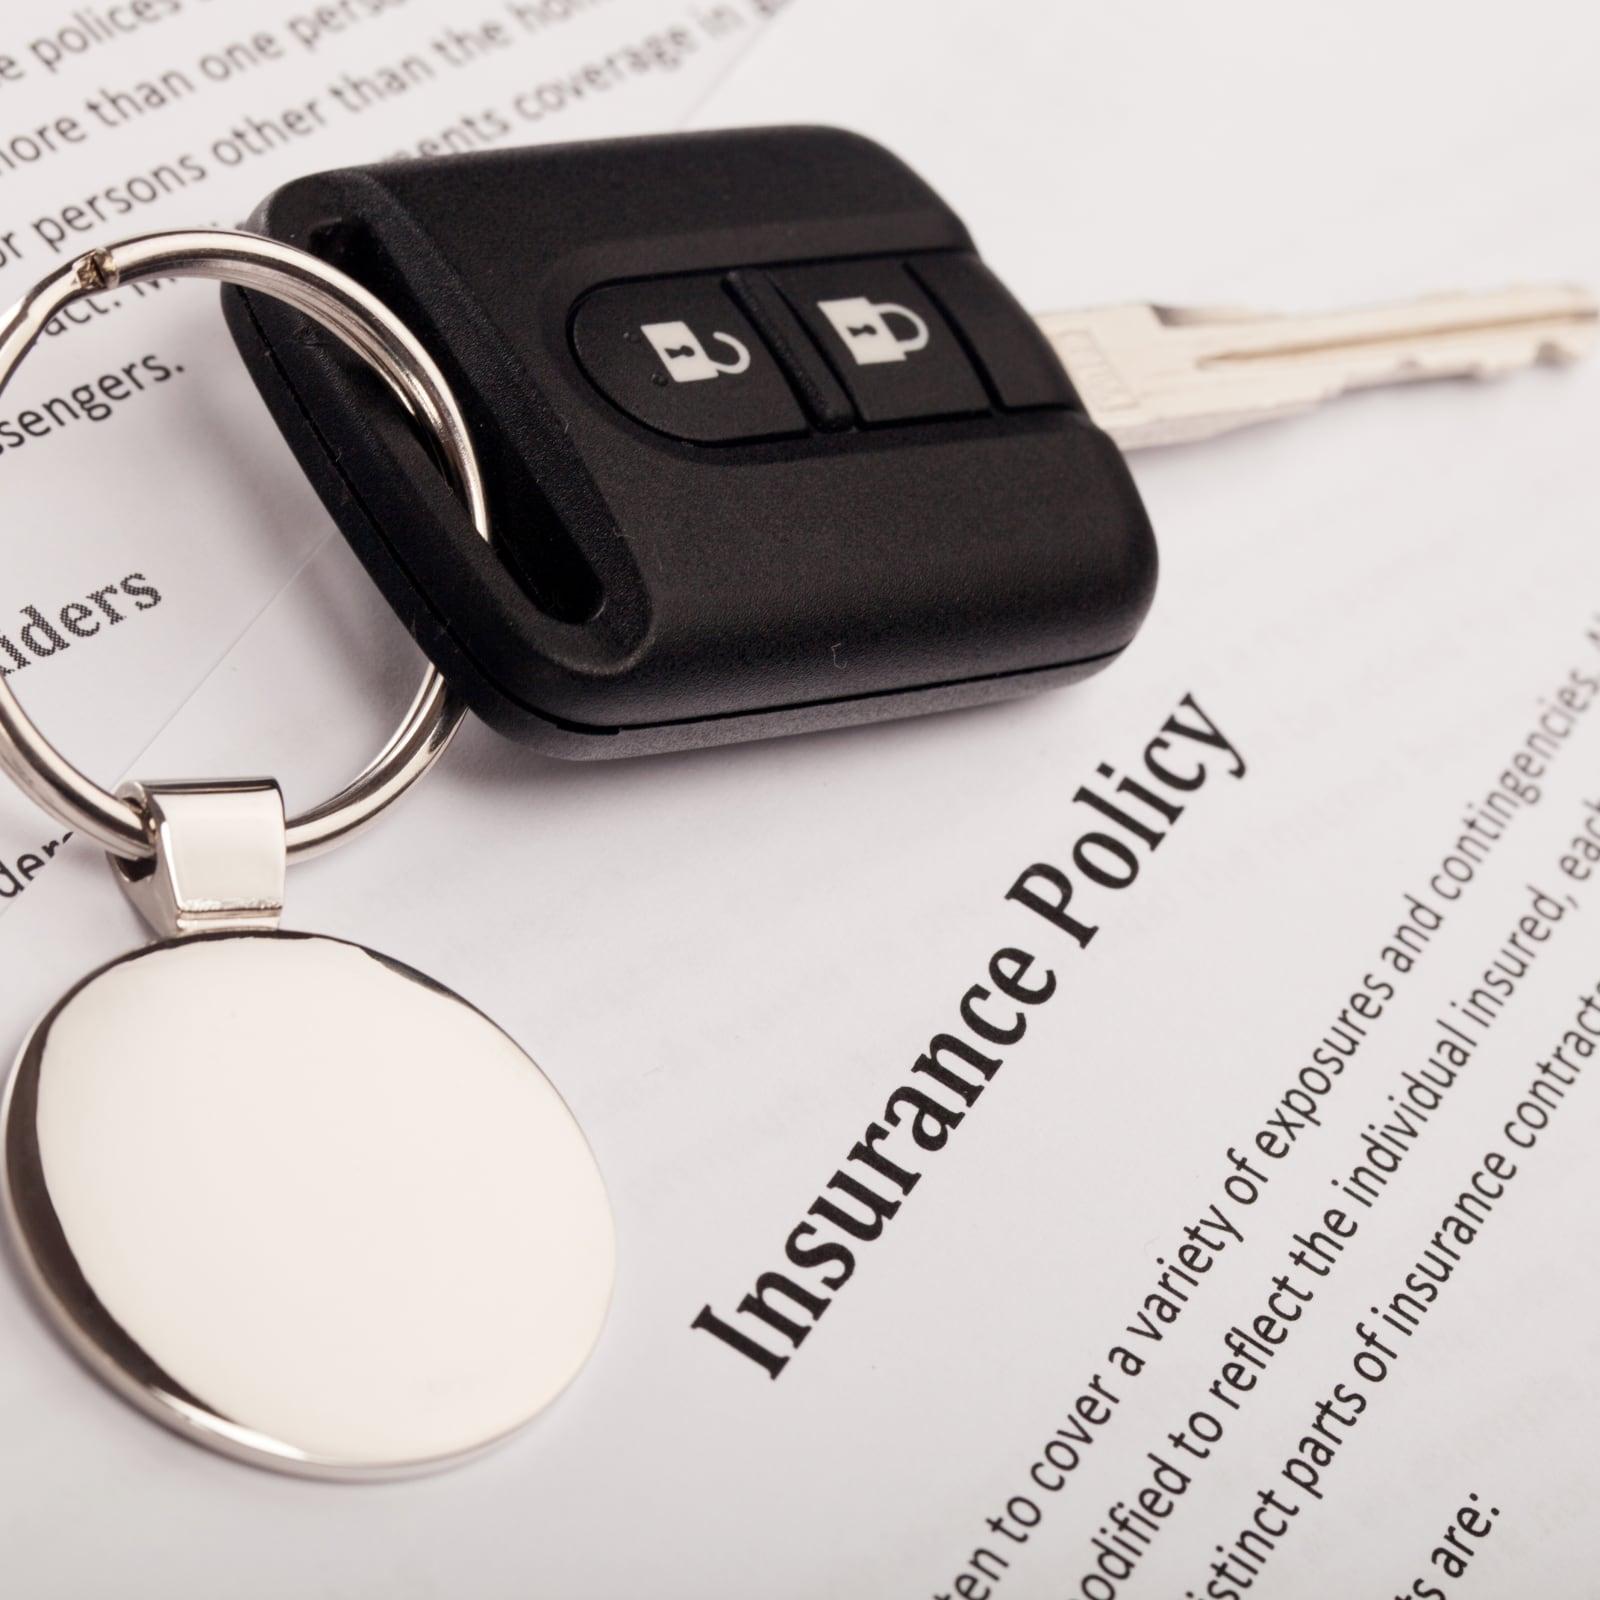 progressive insurance no drivers license